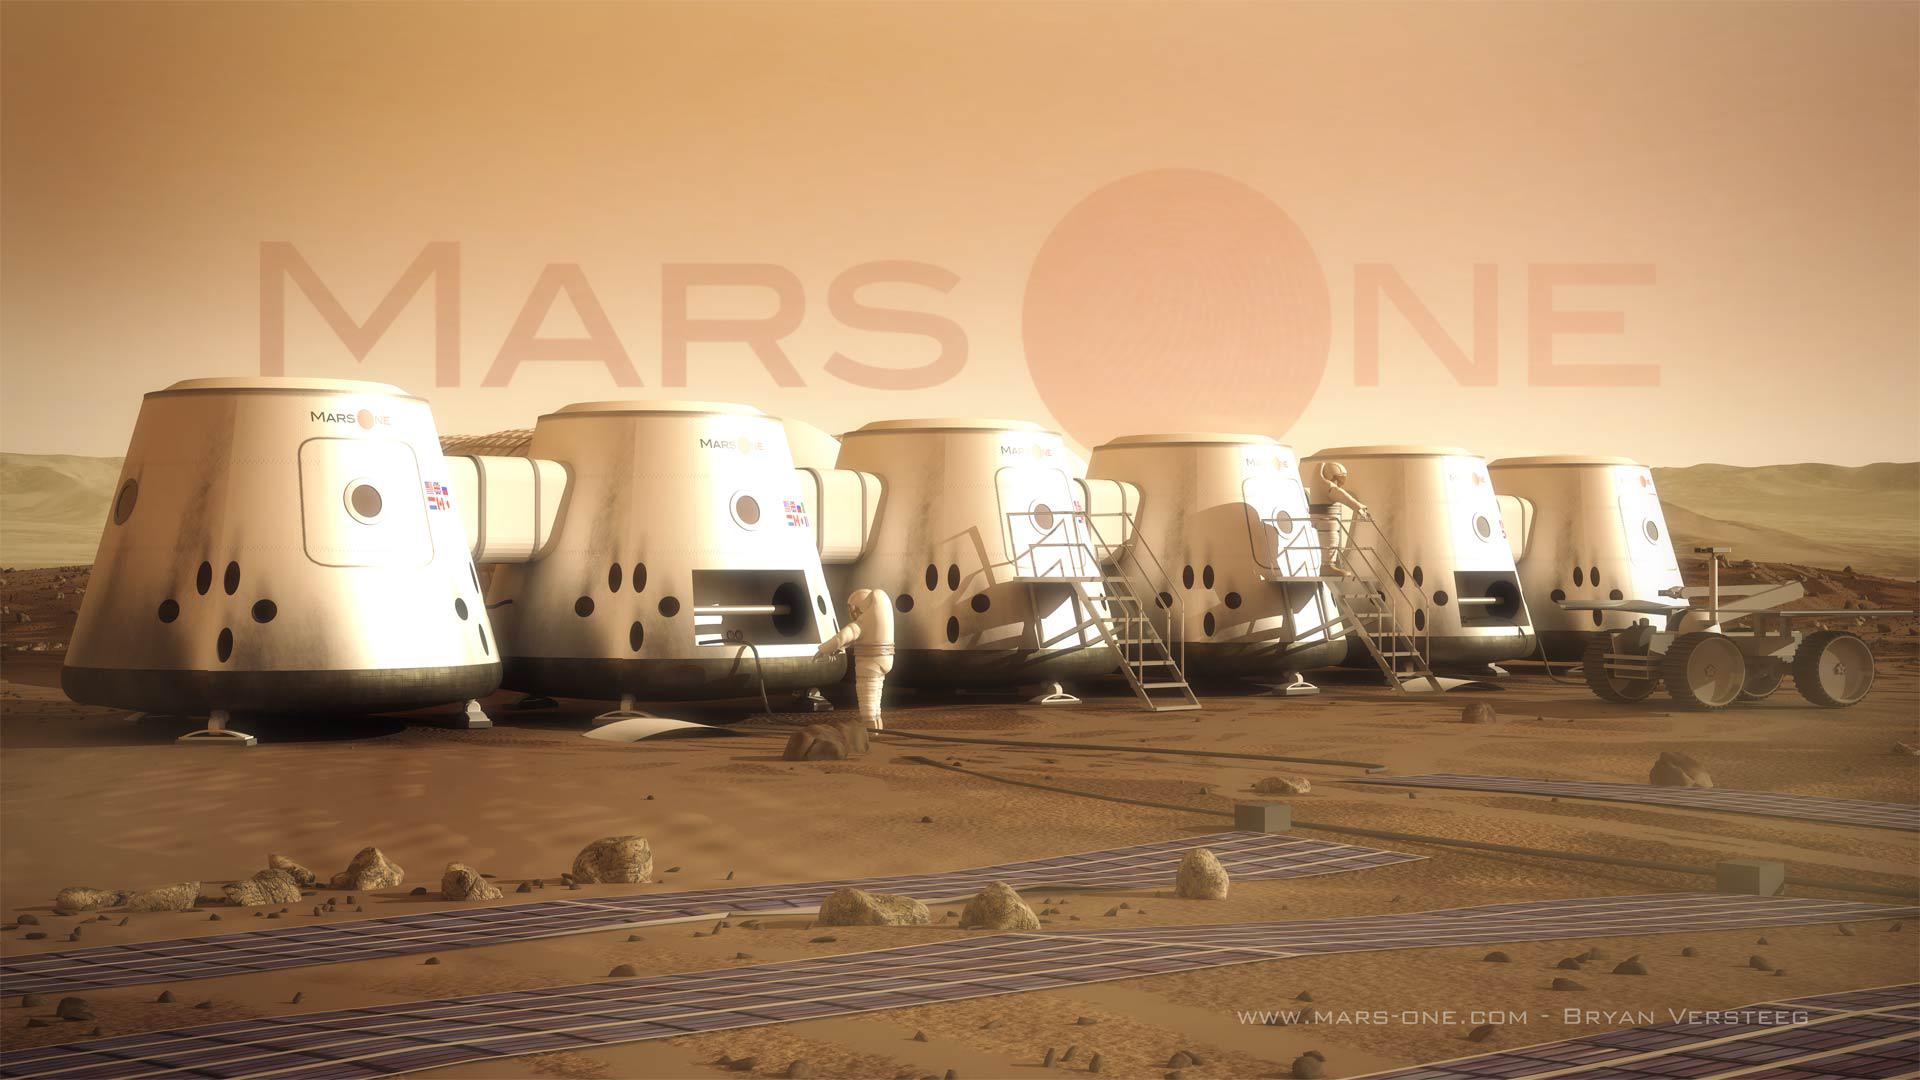 Credits: Mars One, Bryan Versteeg.